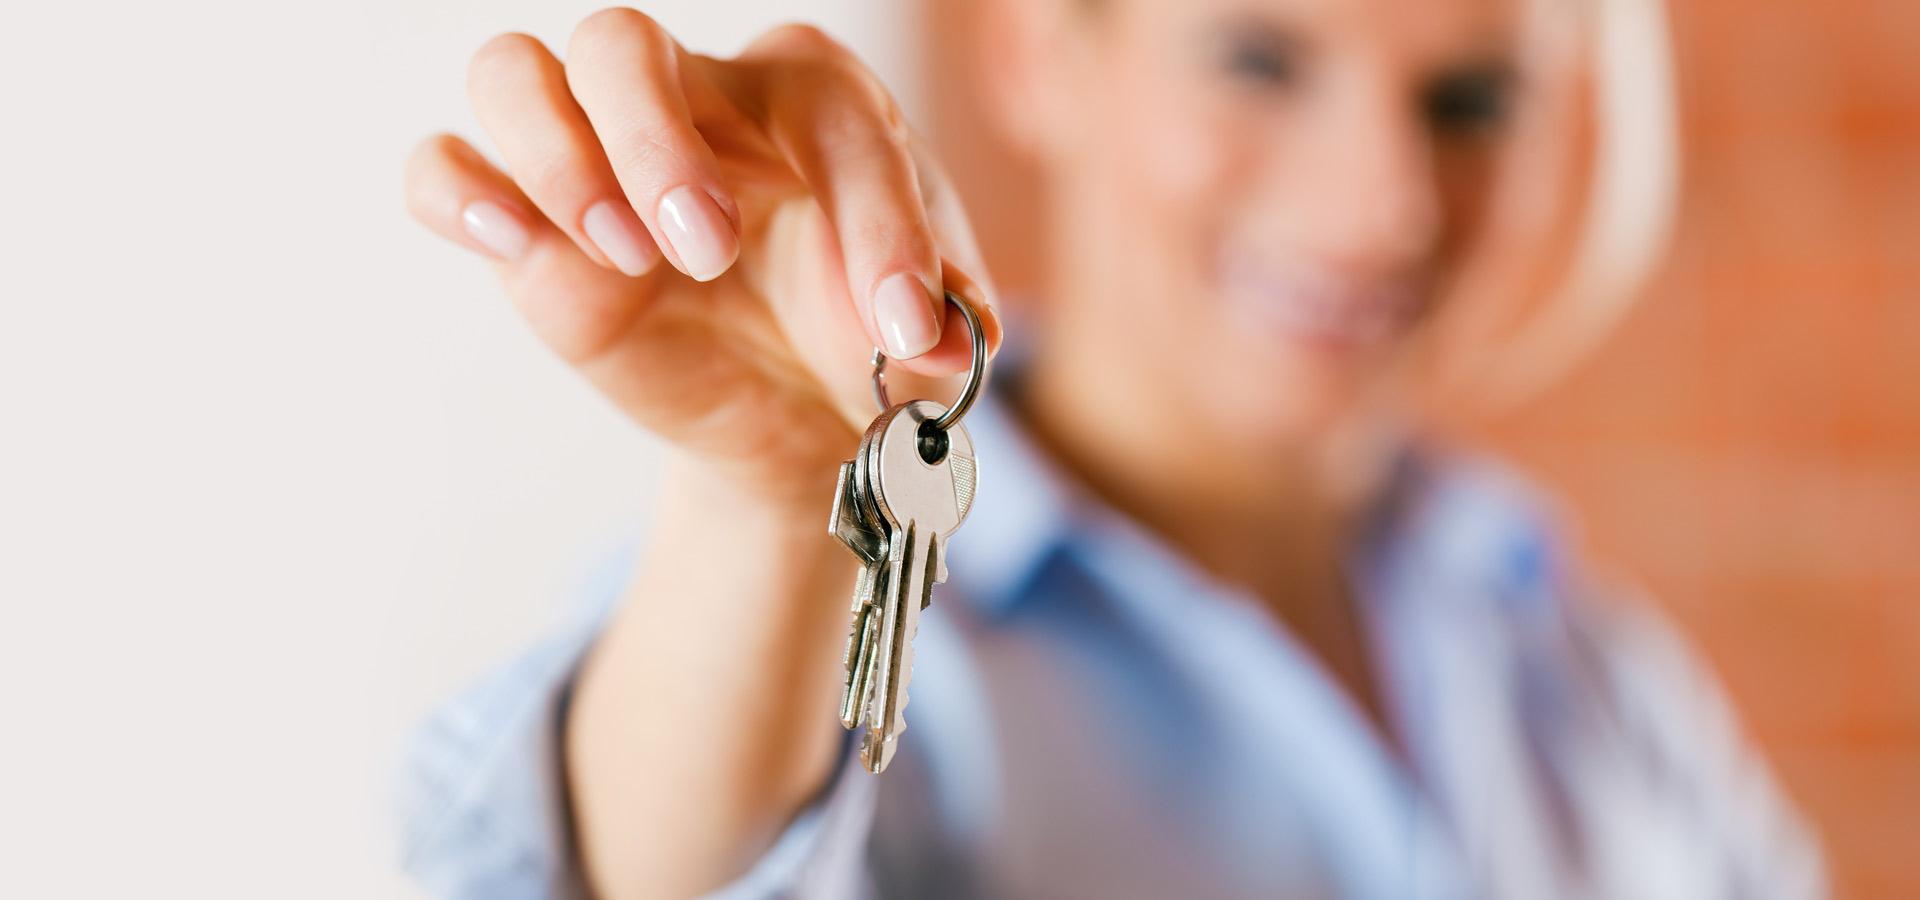 Quanto guadagna un agente immobiliare americano?